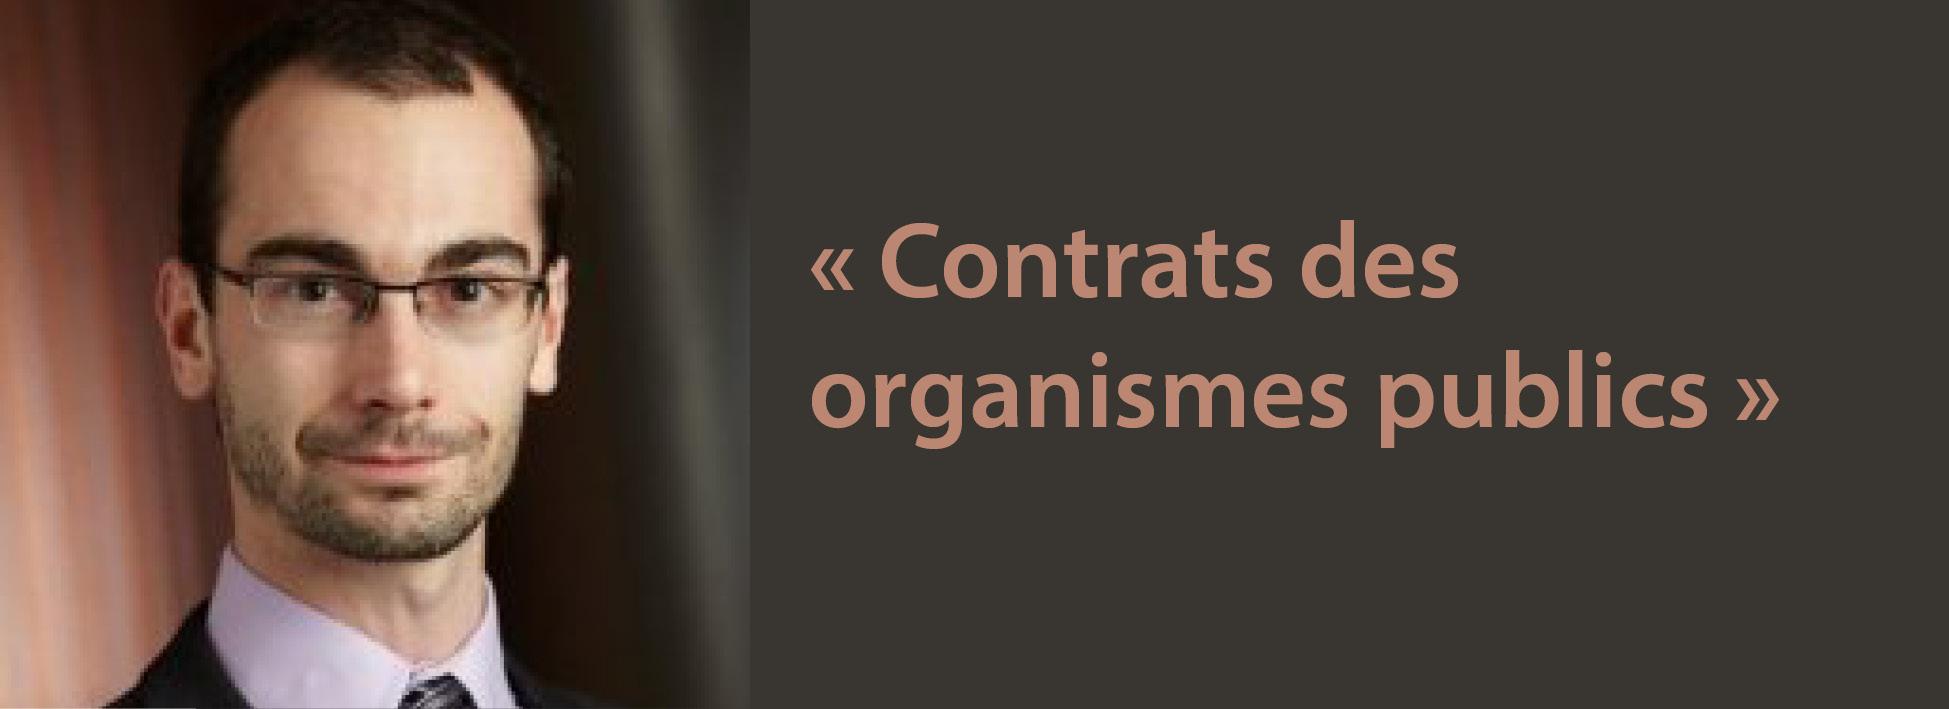 Nicholas Jobidon coécrit un livre sur les contrats des organismes publics